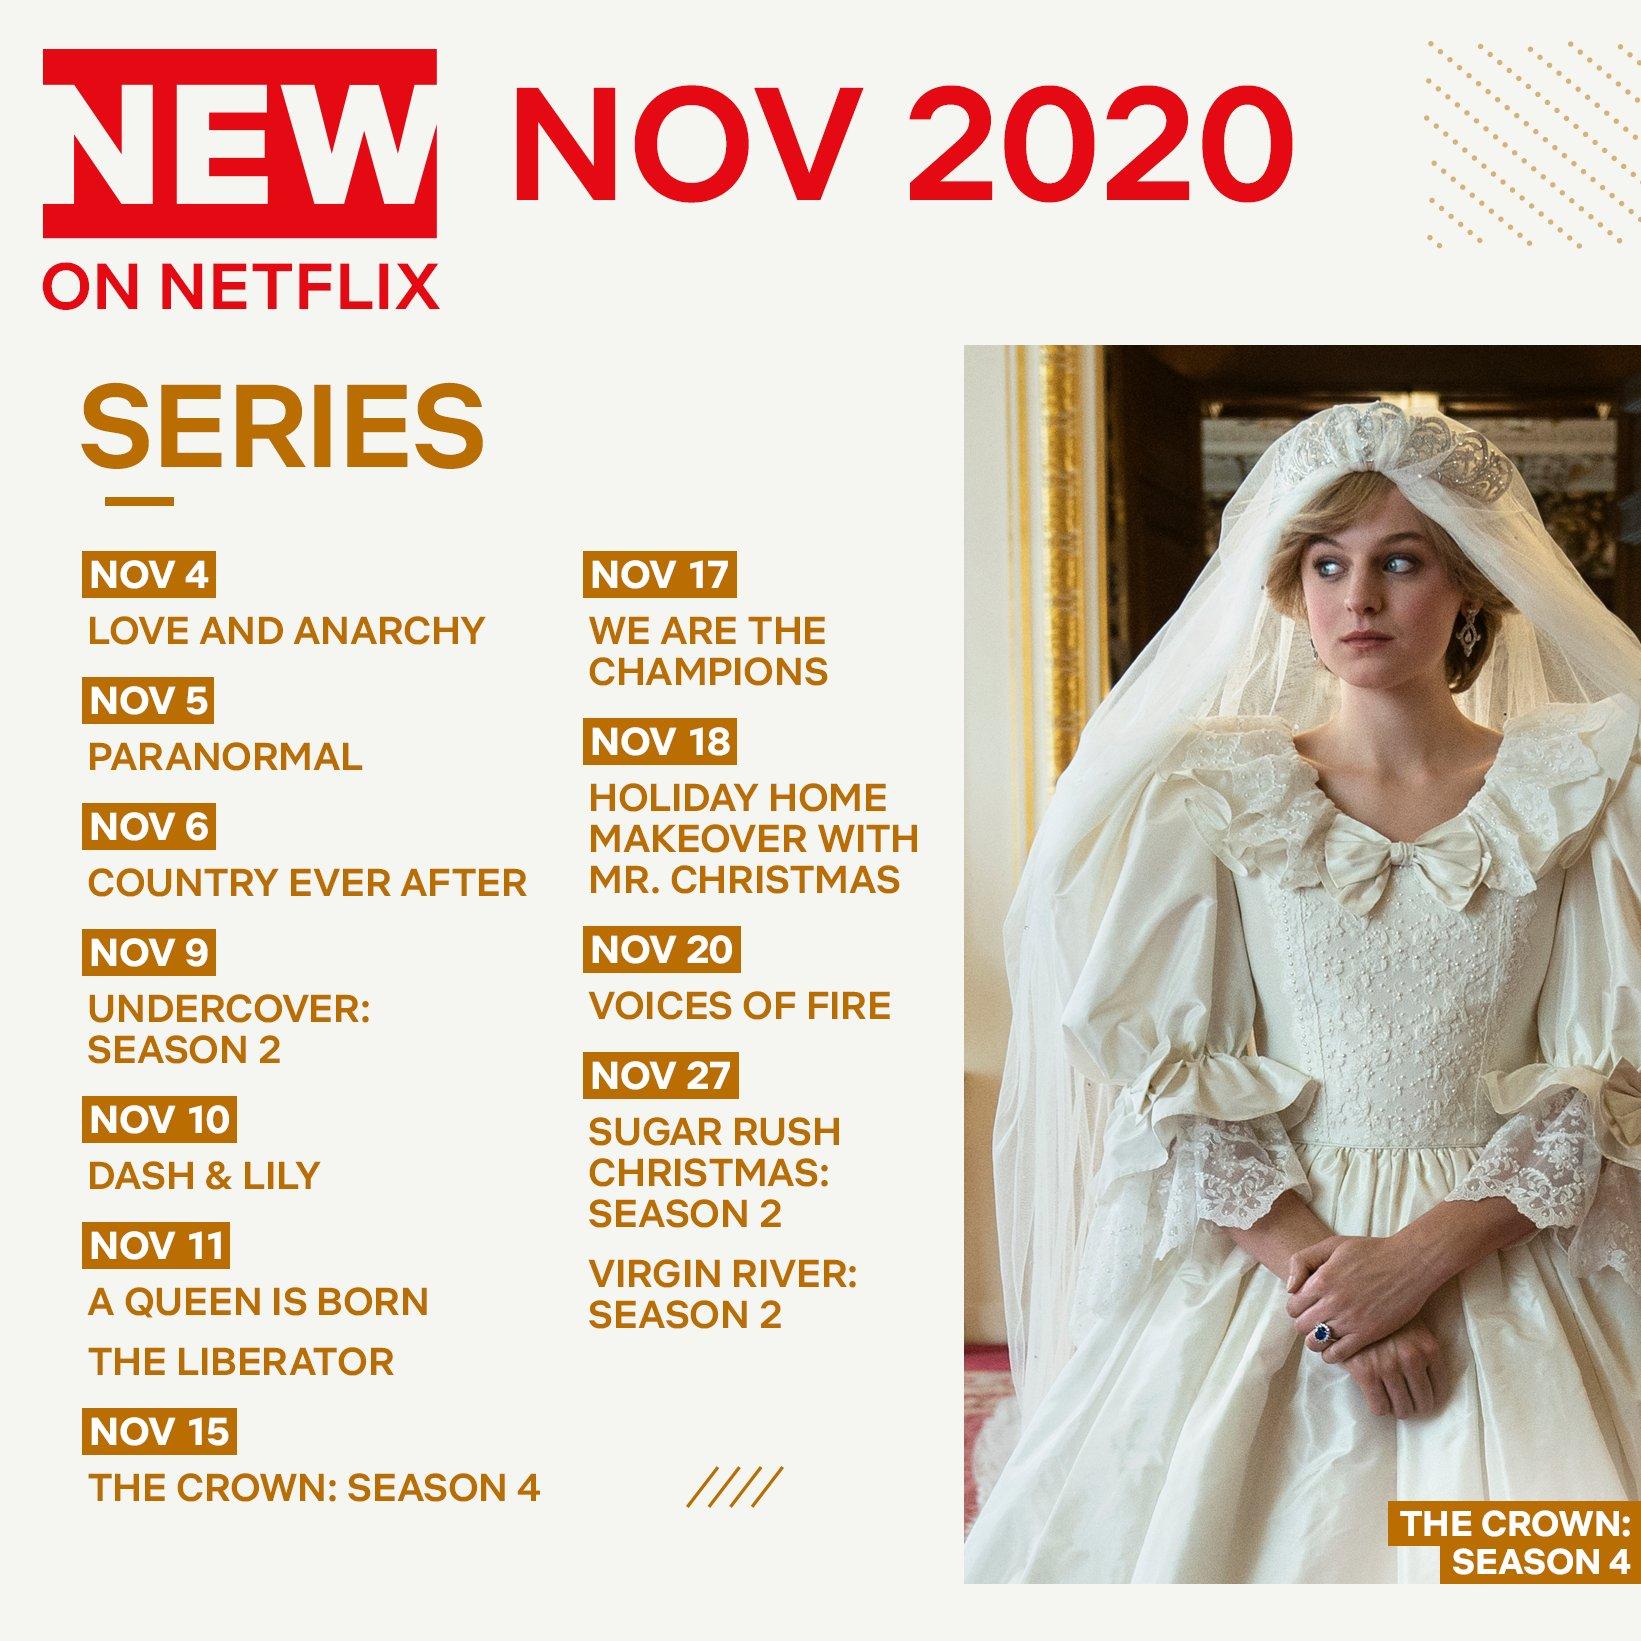 Όλες οι νέες σειρές του Netflix που θα δούμε τον Νοέμβριο